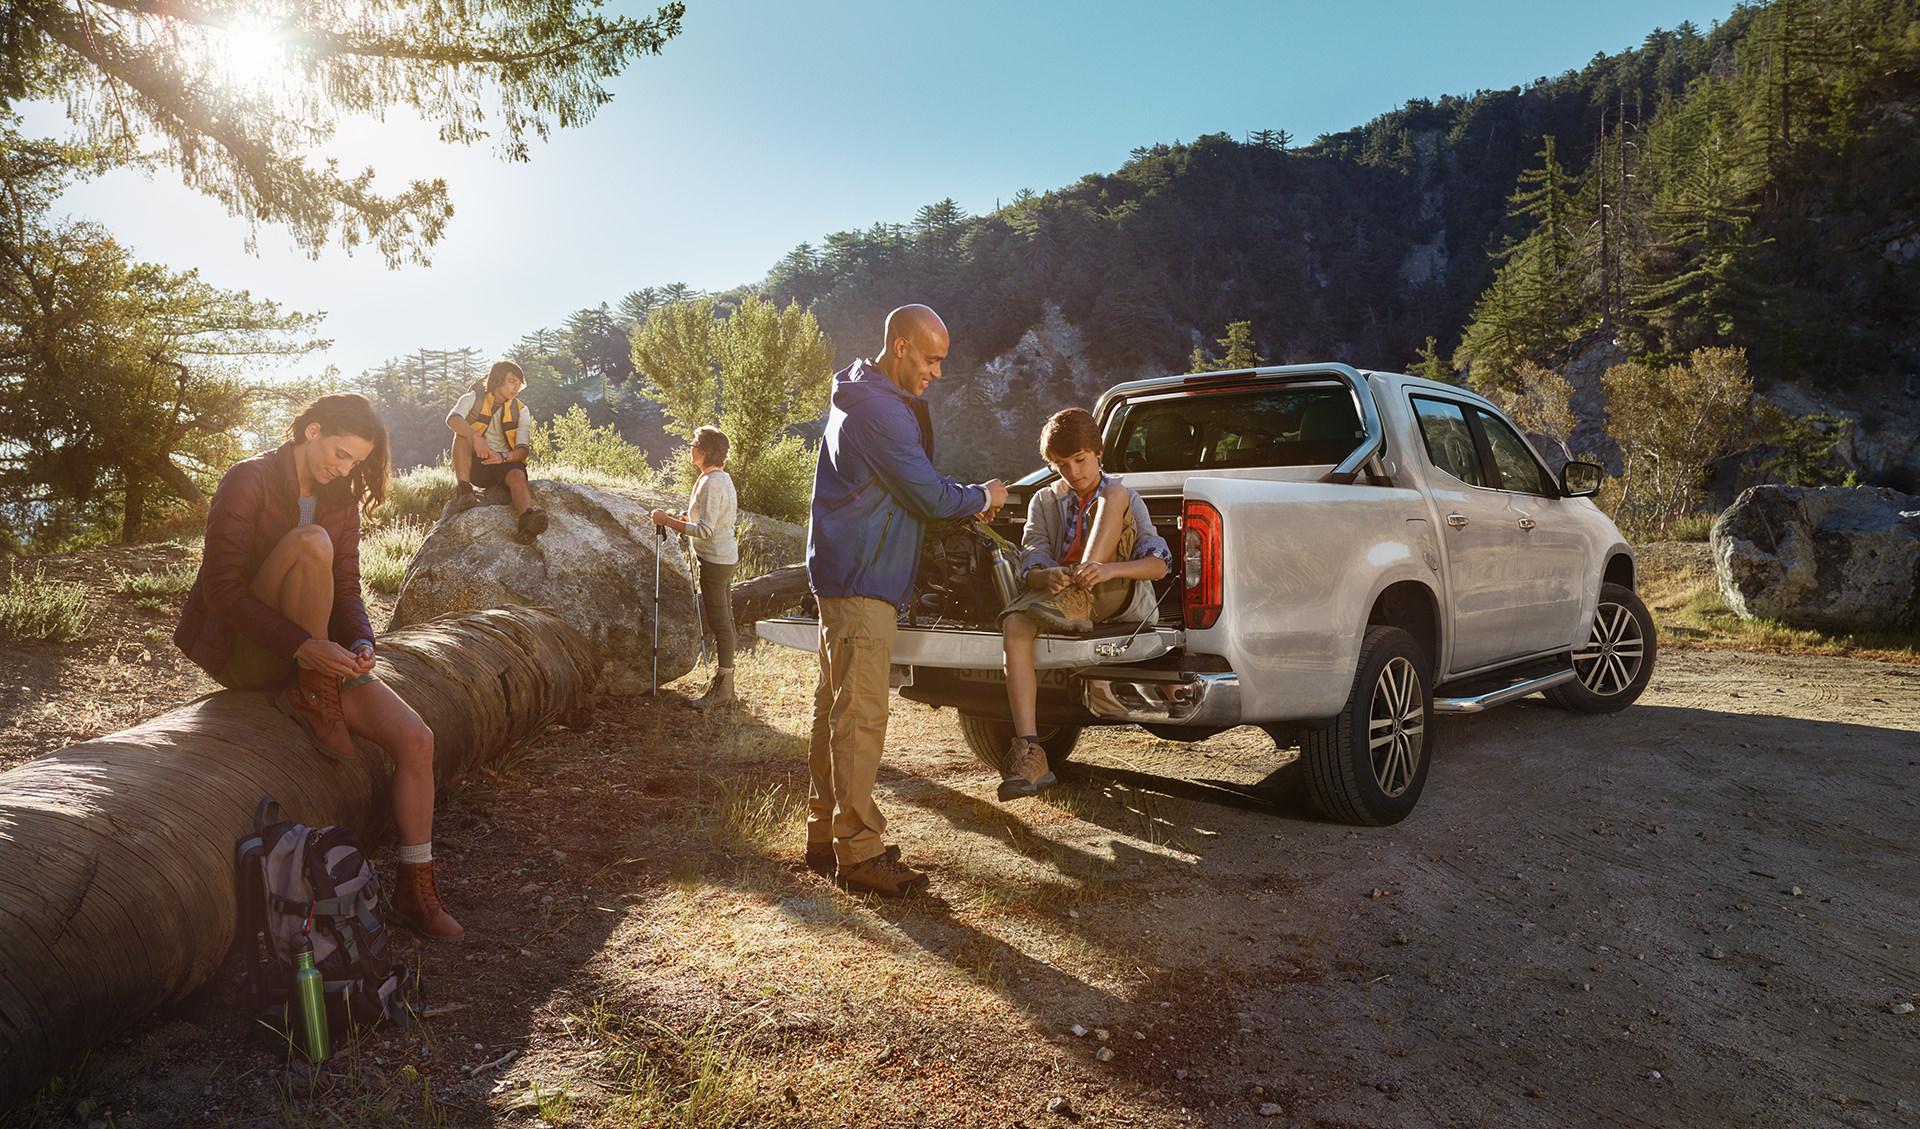 ©ankeluckmann1862p, Mercedes Benz X-Klasse, Anke Luckmann, ©ankeluckmann, campaign, LLR, kai tietz, www.ankeluckmann.com, recom, family, mountain,